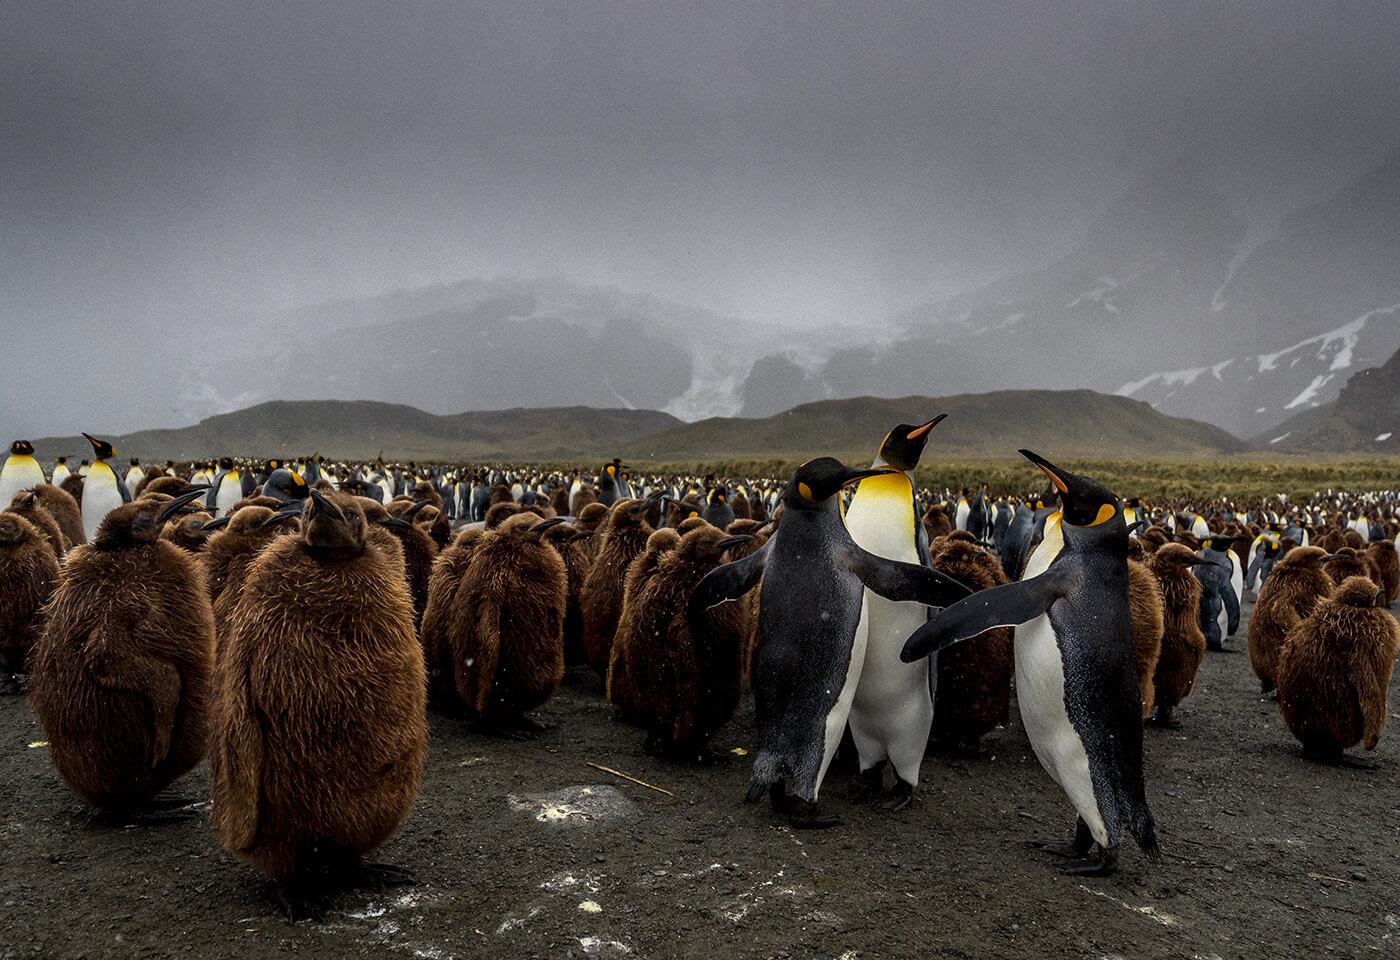 Landscape image of penguins